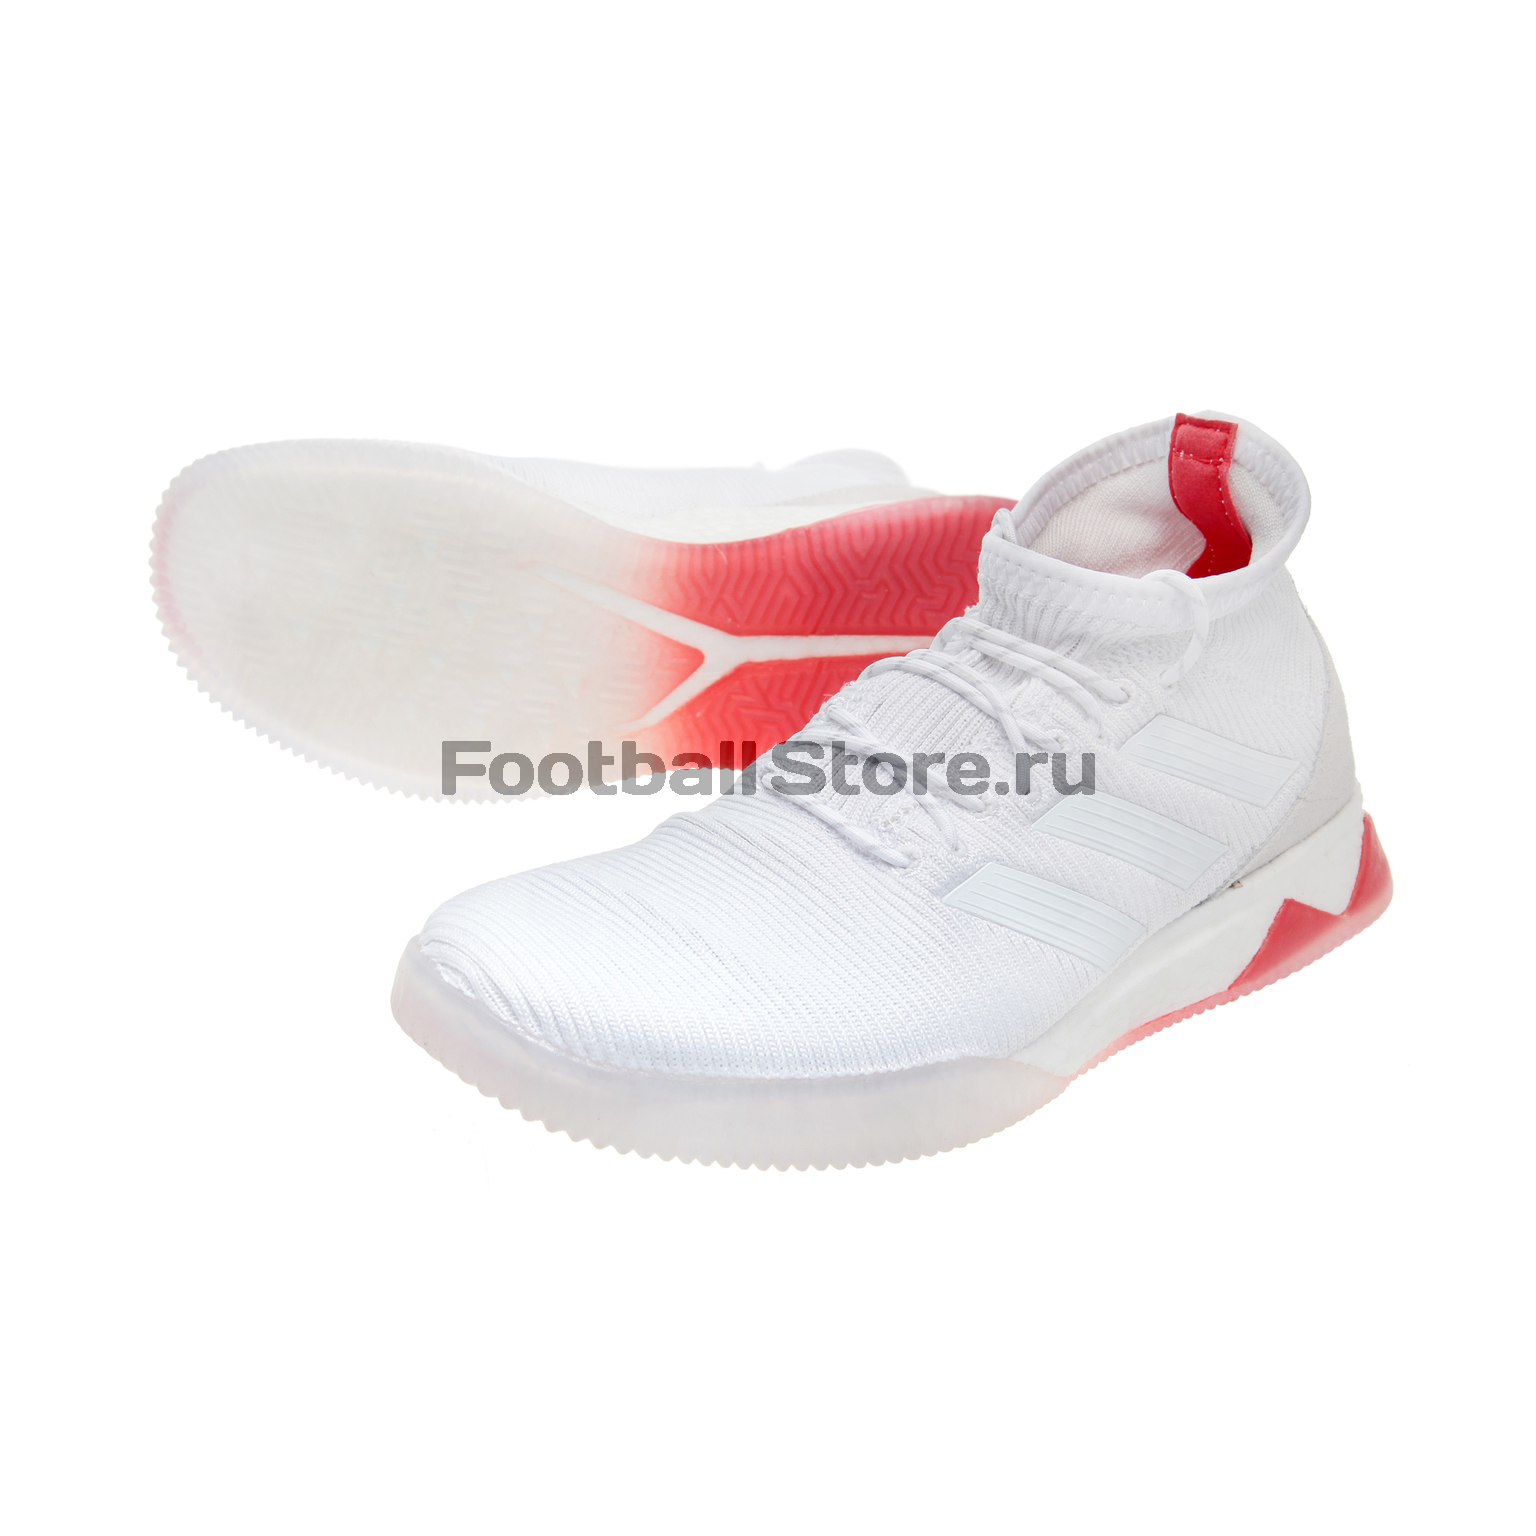 Футбольная обувь Adidas Predator Tango 18.1 TR CM7700 обувь для туризма adidas